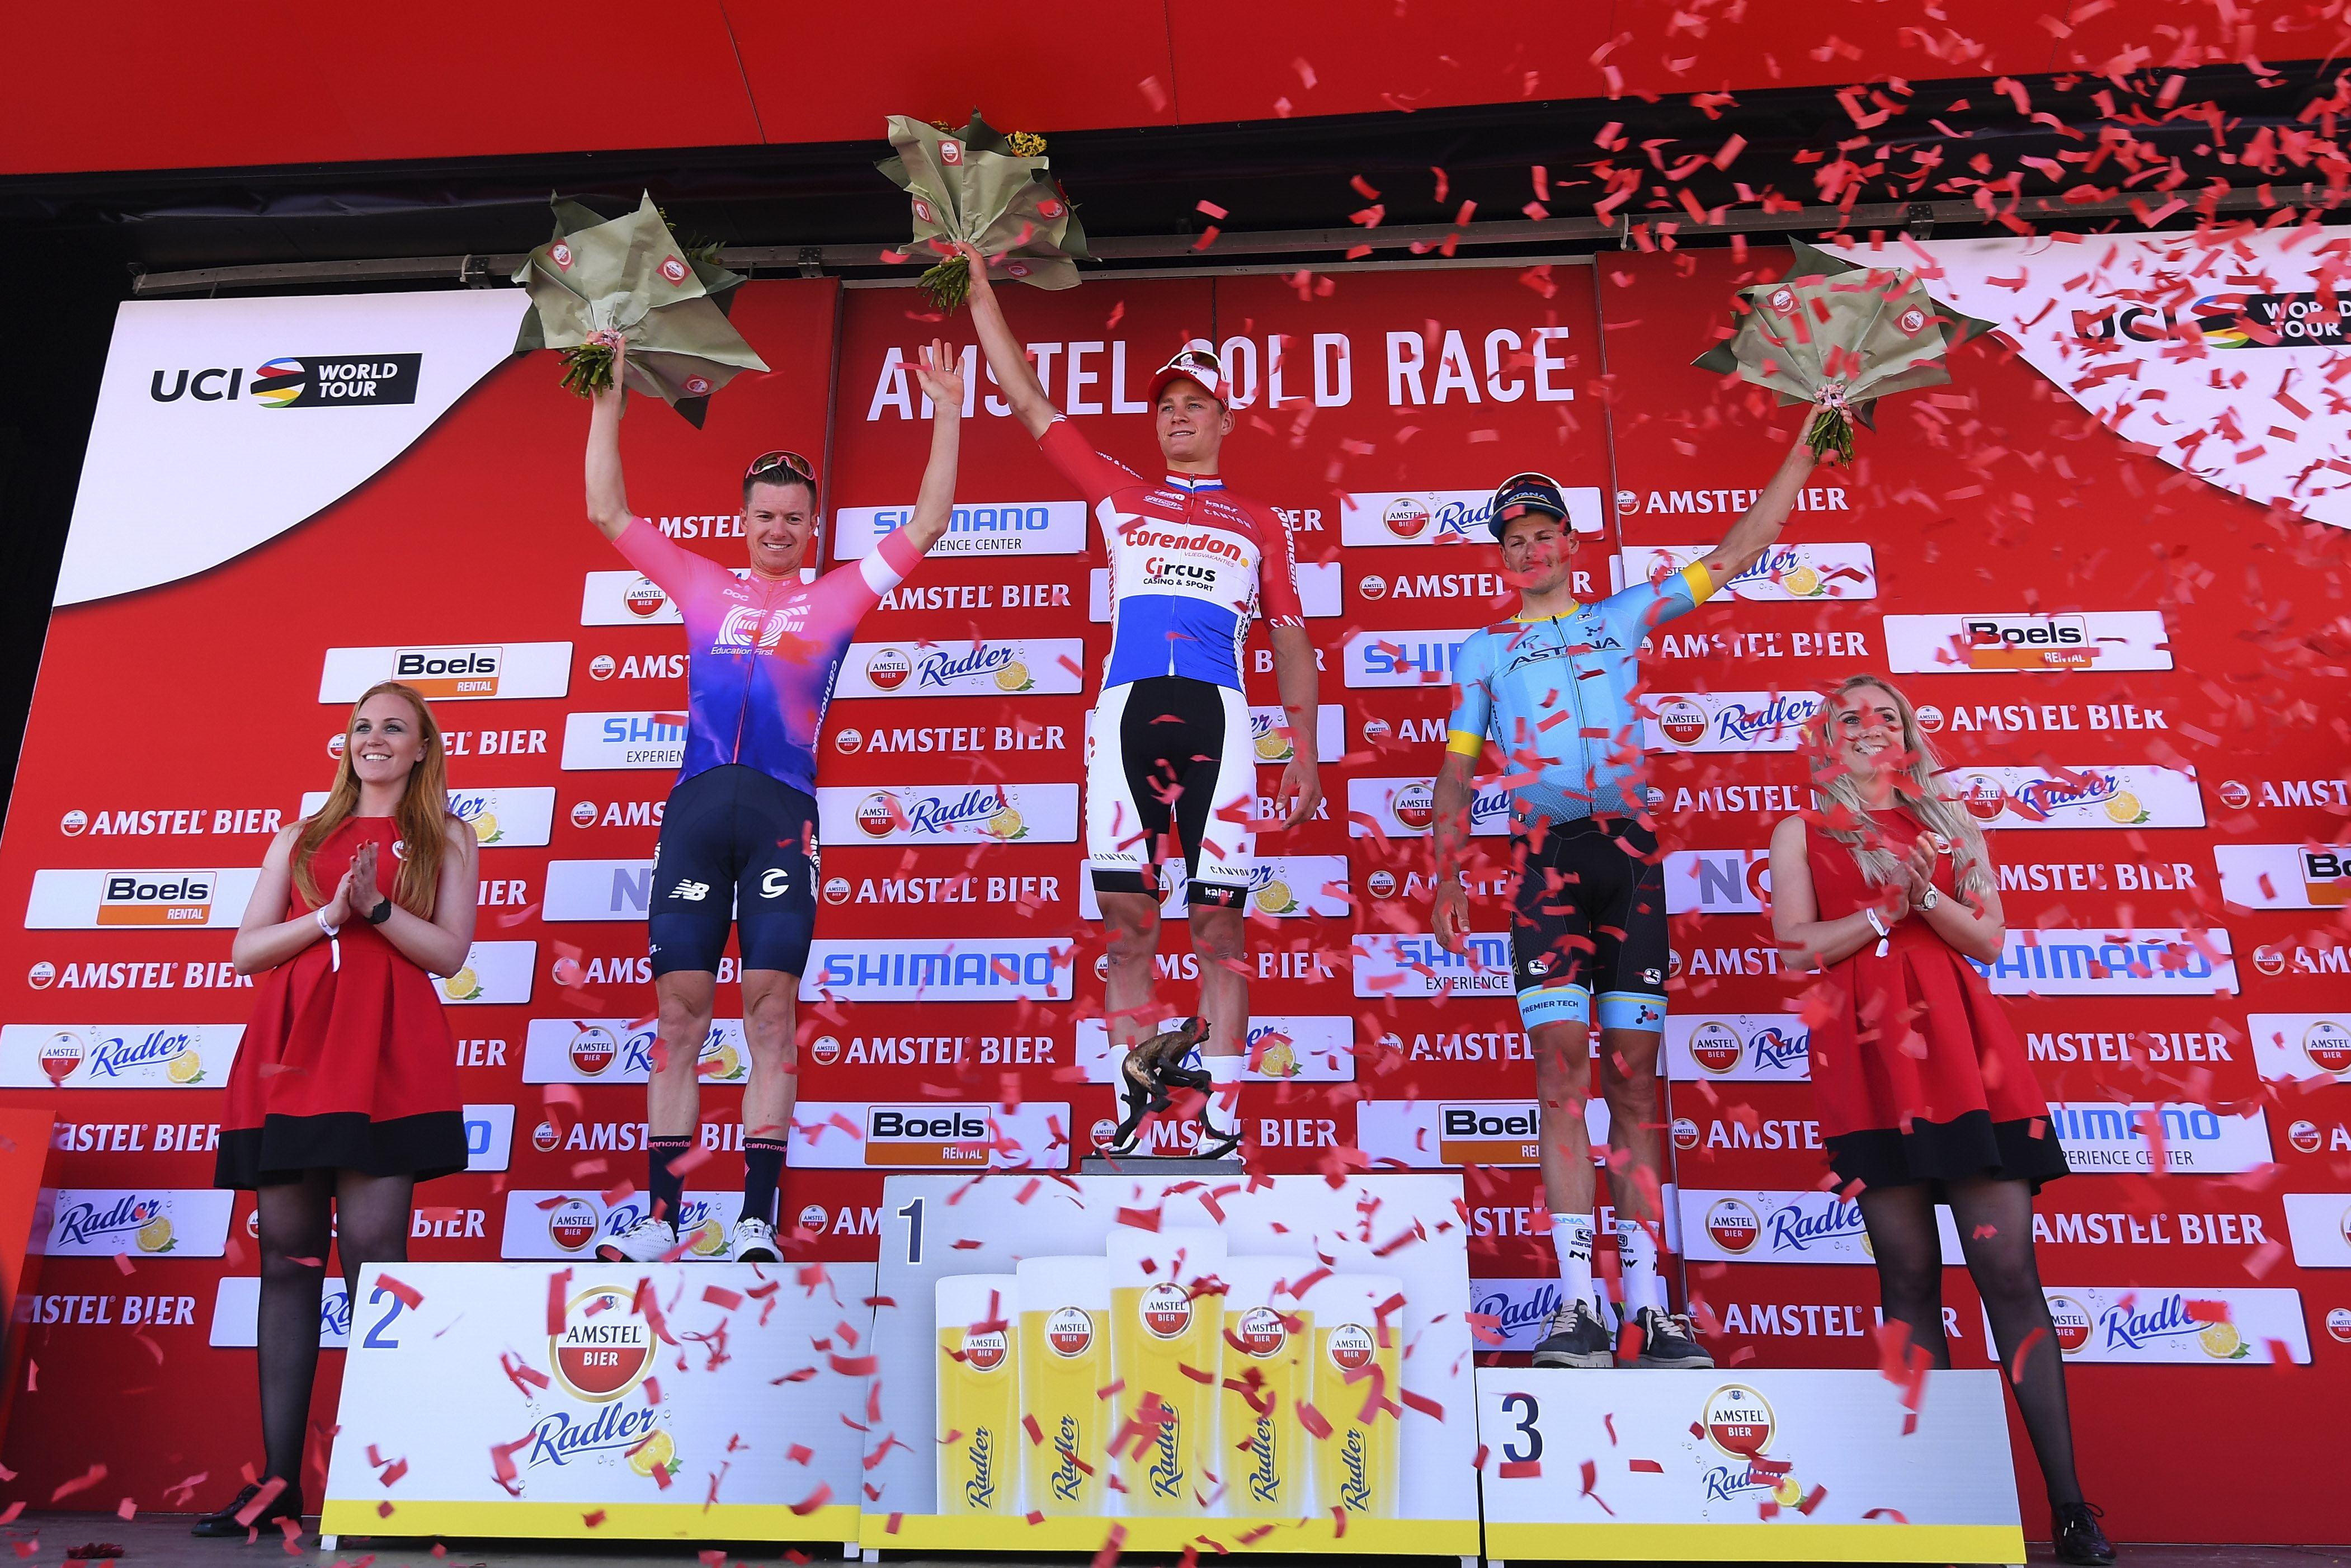 Cyclisme - Mathieu Van der Poel impérial sur l'Amstel Gold Race